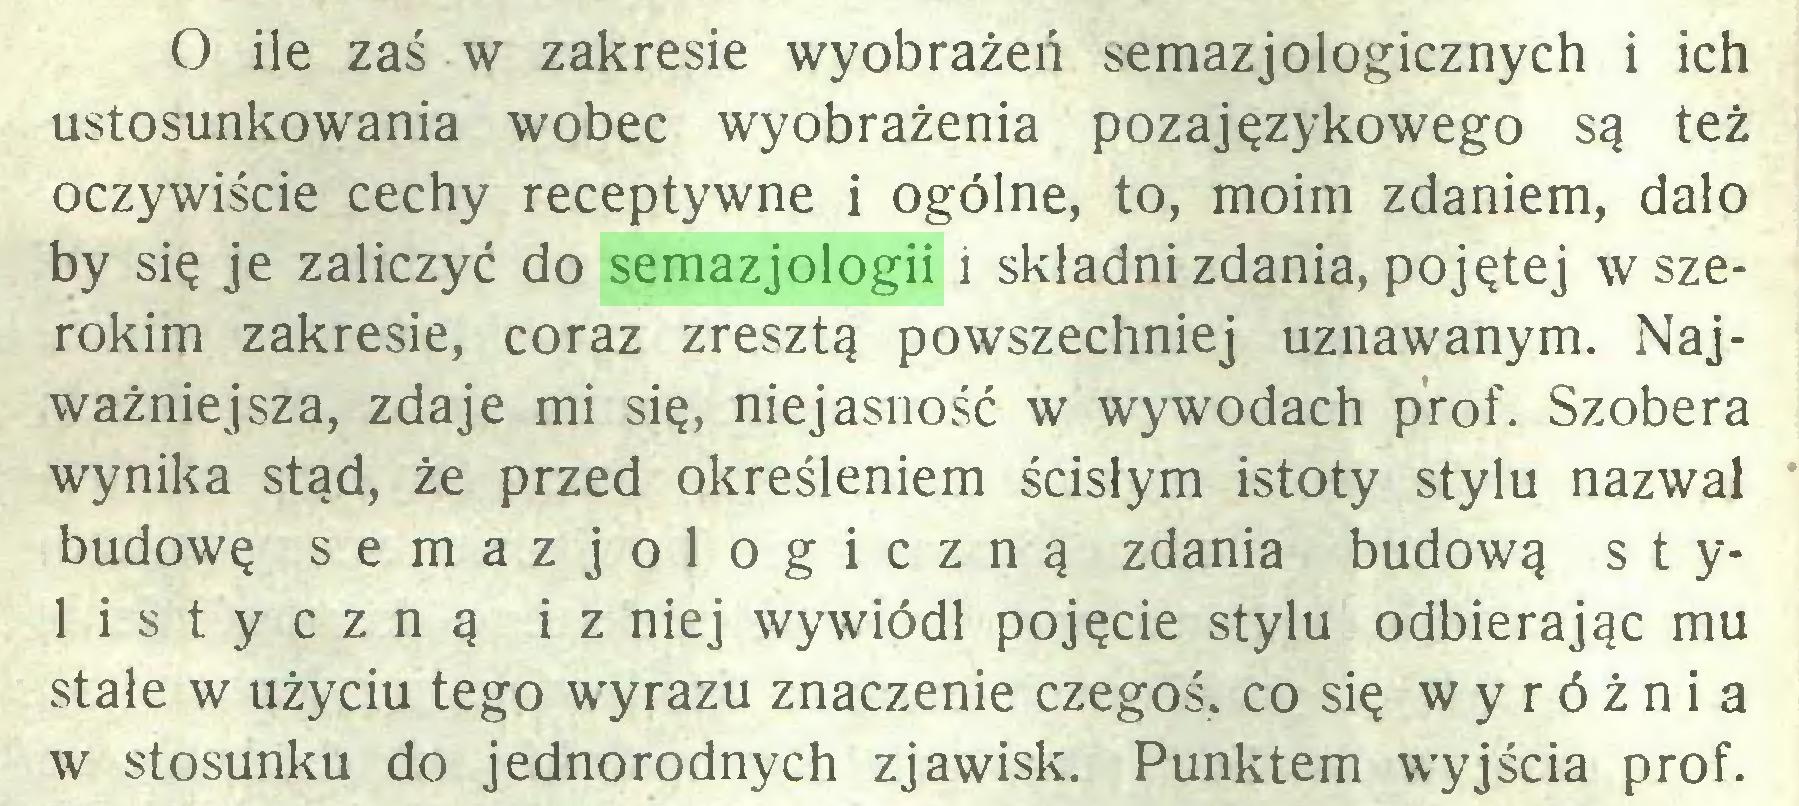 (...) O ile zaś w zakresie wyobrażeń semazjologicznych i ich ustosunkowania wobec wyobrażenia pozajęzykowego są też oczywiście cechy receptywne i ogólne, to, moim zdaniem, dało by się je zaliczyć do semazjologii i składni zdania, pojętej w szerokim zakresie, coraz zresztą powszechniej uznawanym. Najważniejsza, zdaje mi się, niejasność w wywodach prof. Szobera wynika stąd, że przed określeniem ścisłym istoty stylu nazwał budowę semazjologiczną zdania budową s t ylistyczną iz niej wywiódł pojęcie stylu odbierając mu stale w użyciu tego wyrazu znaczenie czegoś, co się wyróżnia w stosunku do jednorodnych zjawisk. Punktem wyjścia prof...